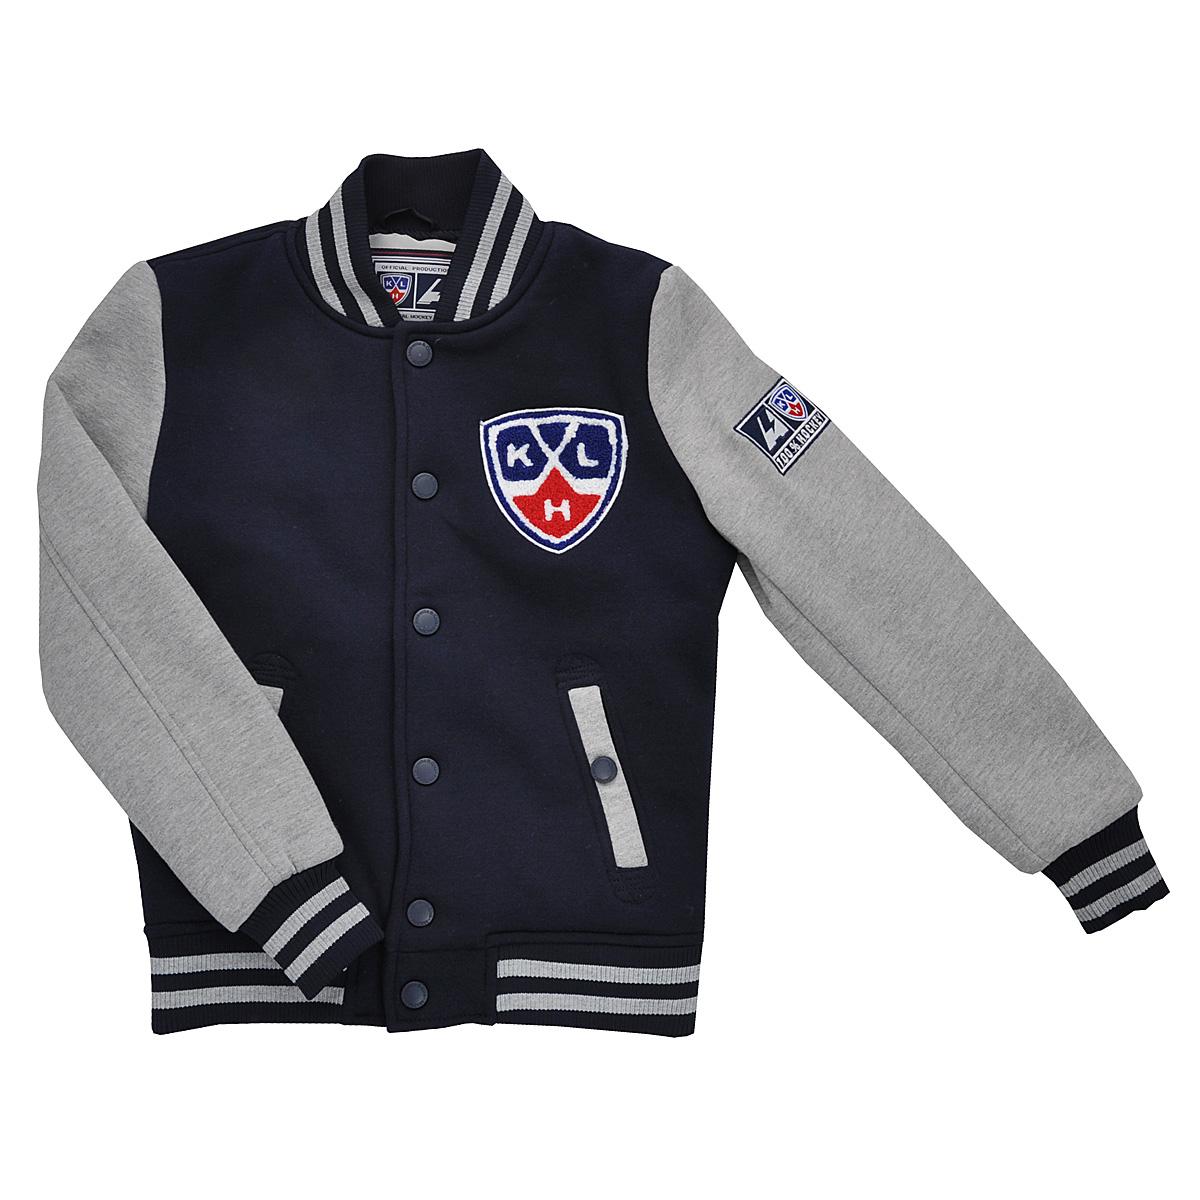 Куртка детская КХЛ. 270540